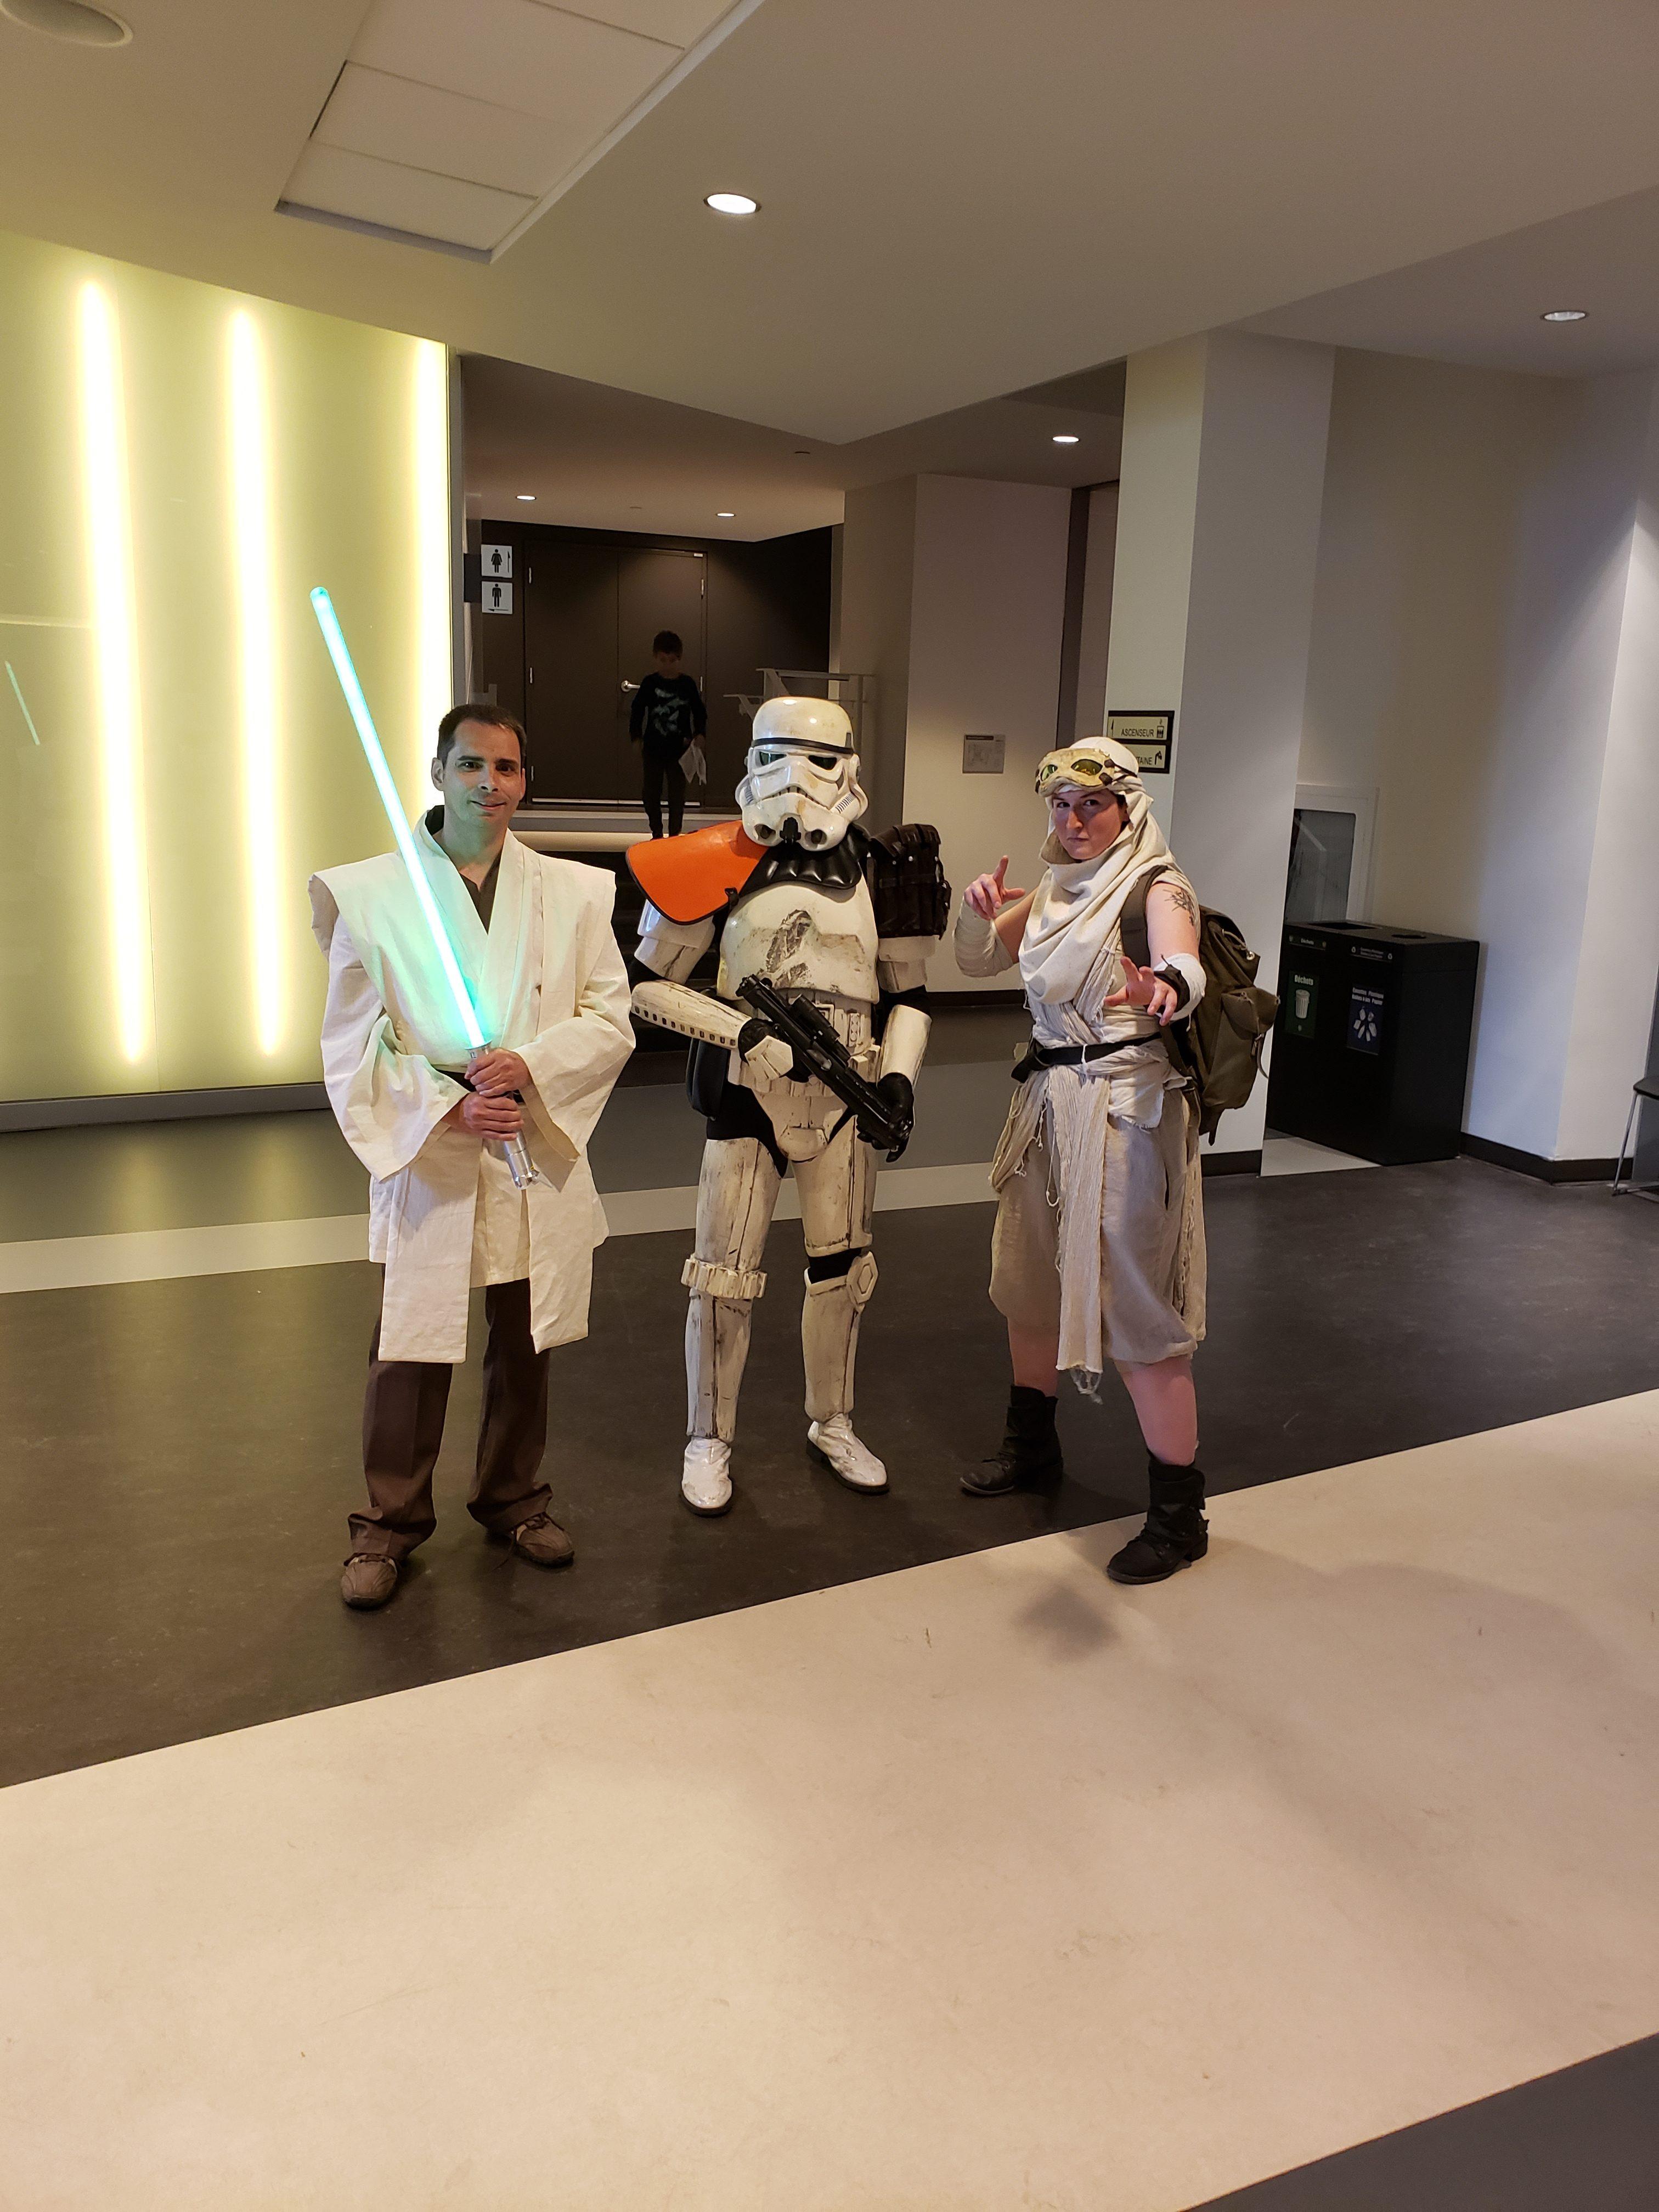 Les habituels cosplayers étaient présents pour accueillir les spectateurs.